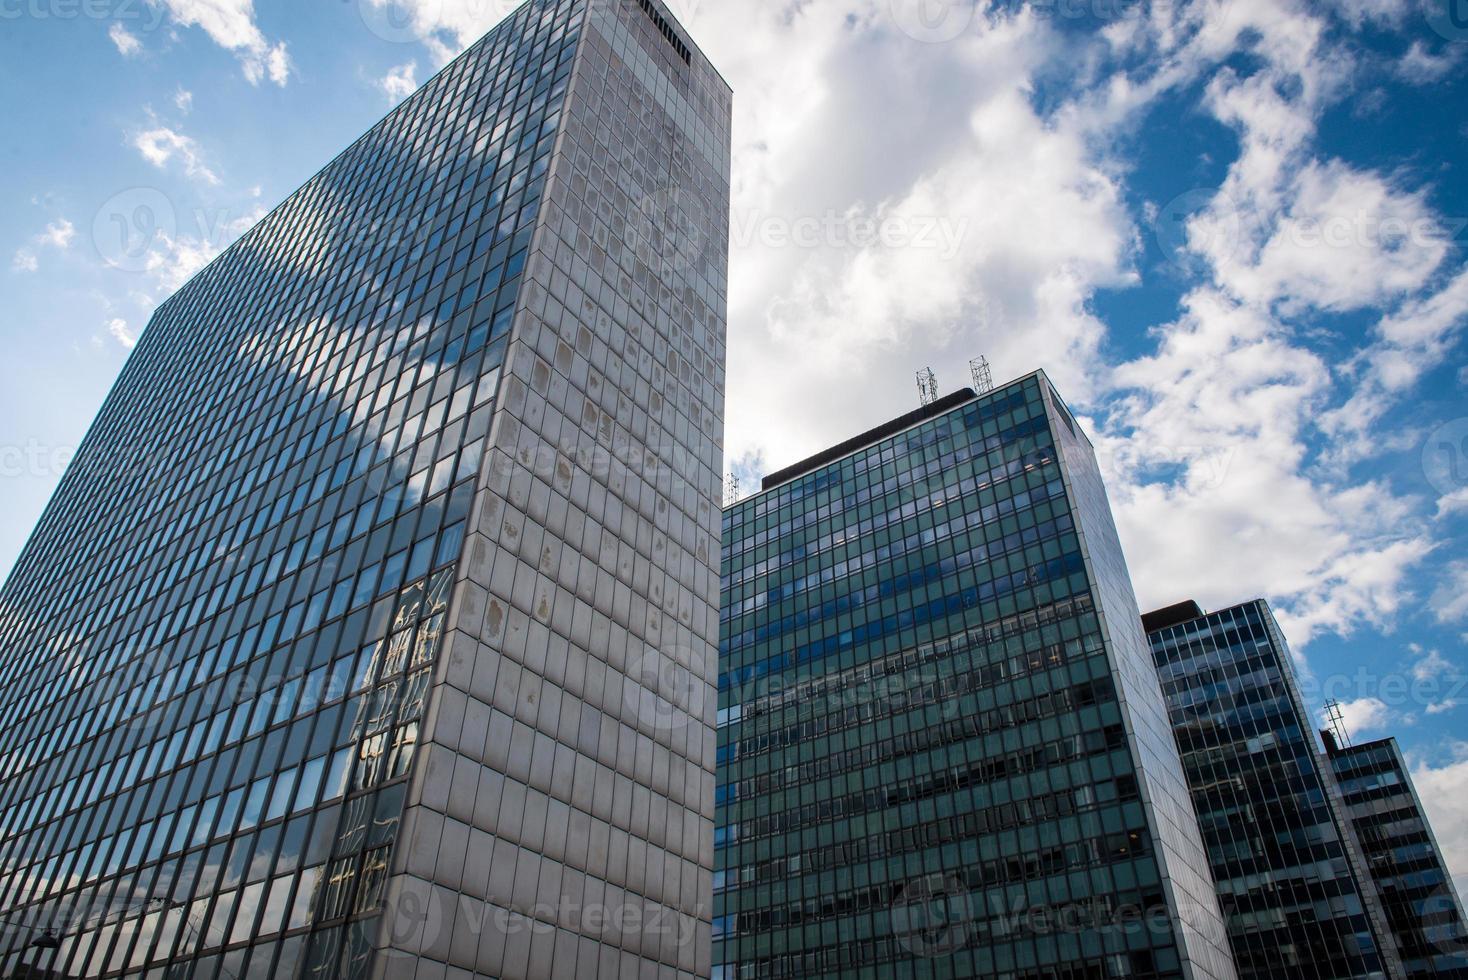 kantoorgebouwen foto